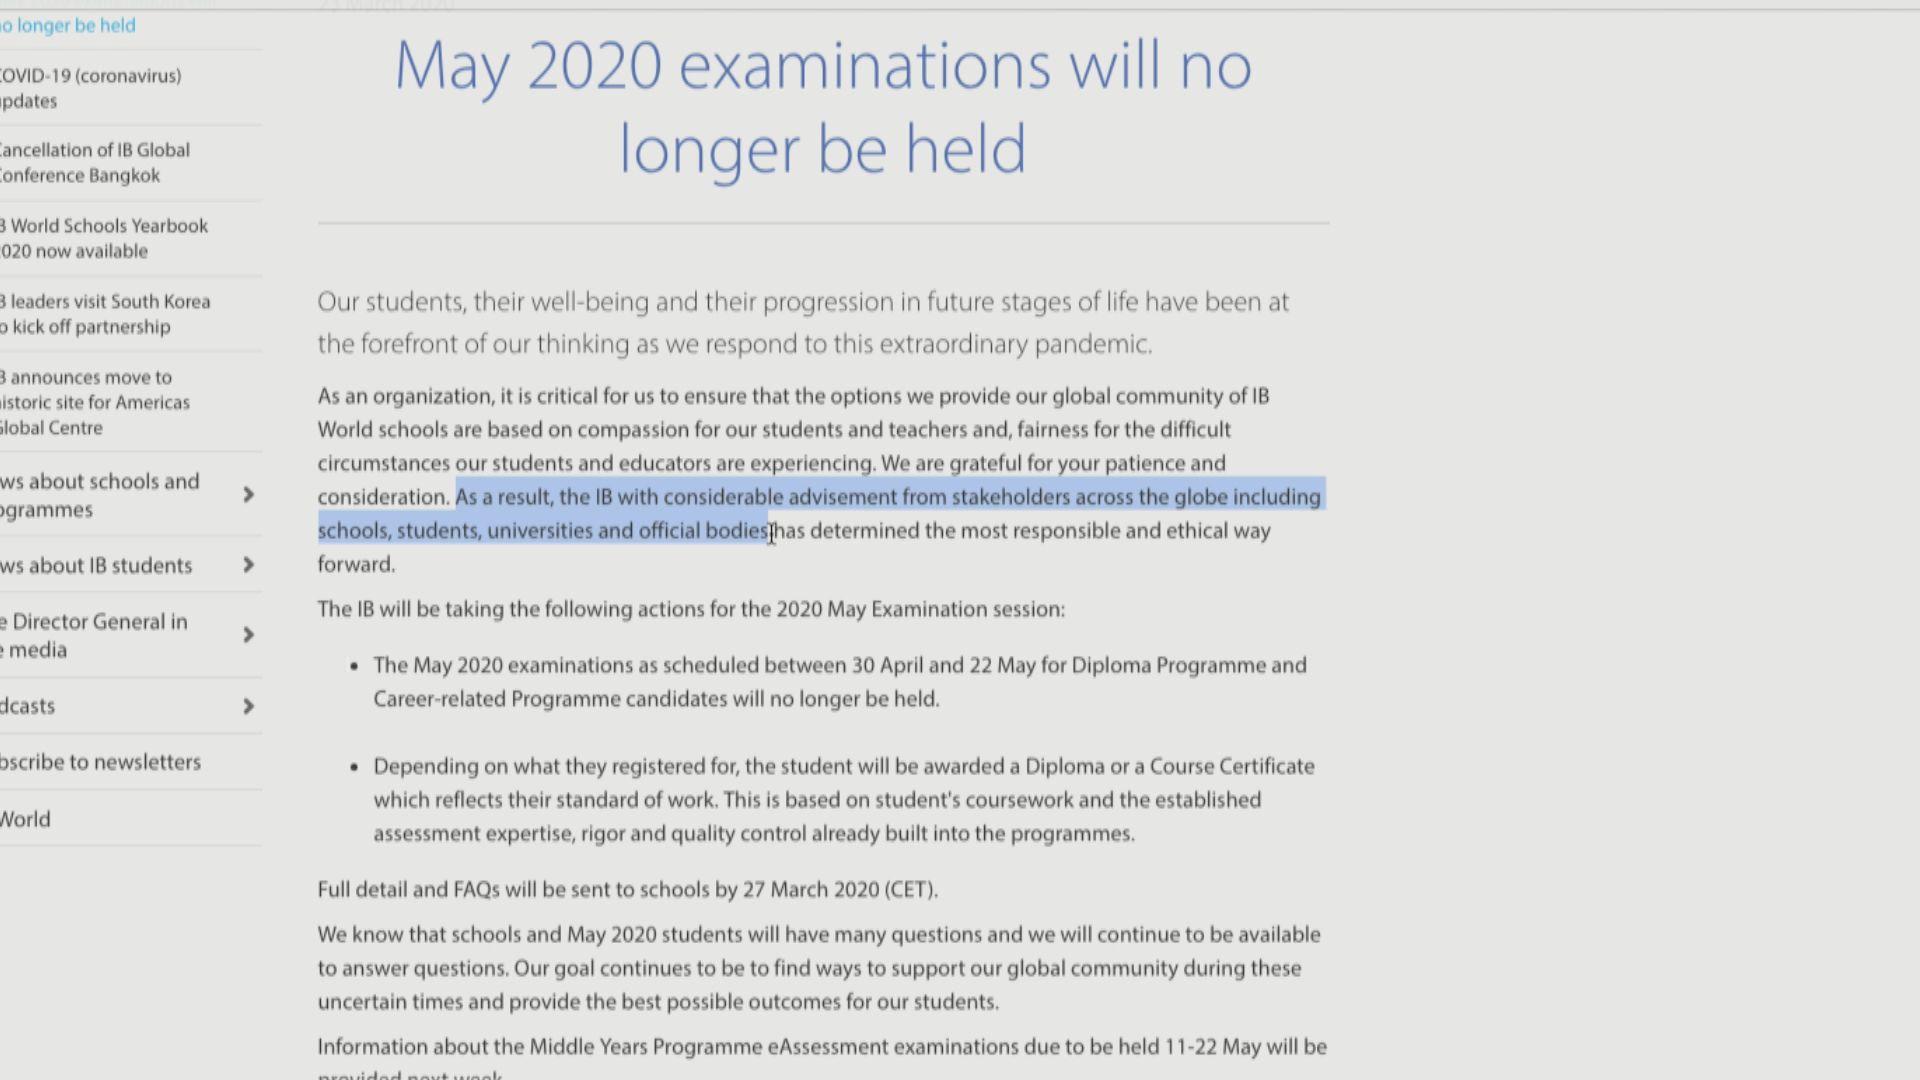 IB宣布取消考試 考生將獲發文憑或證書